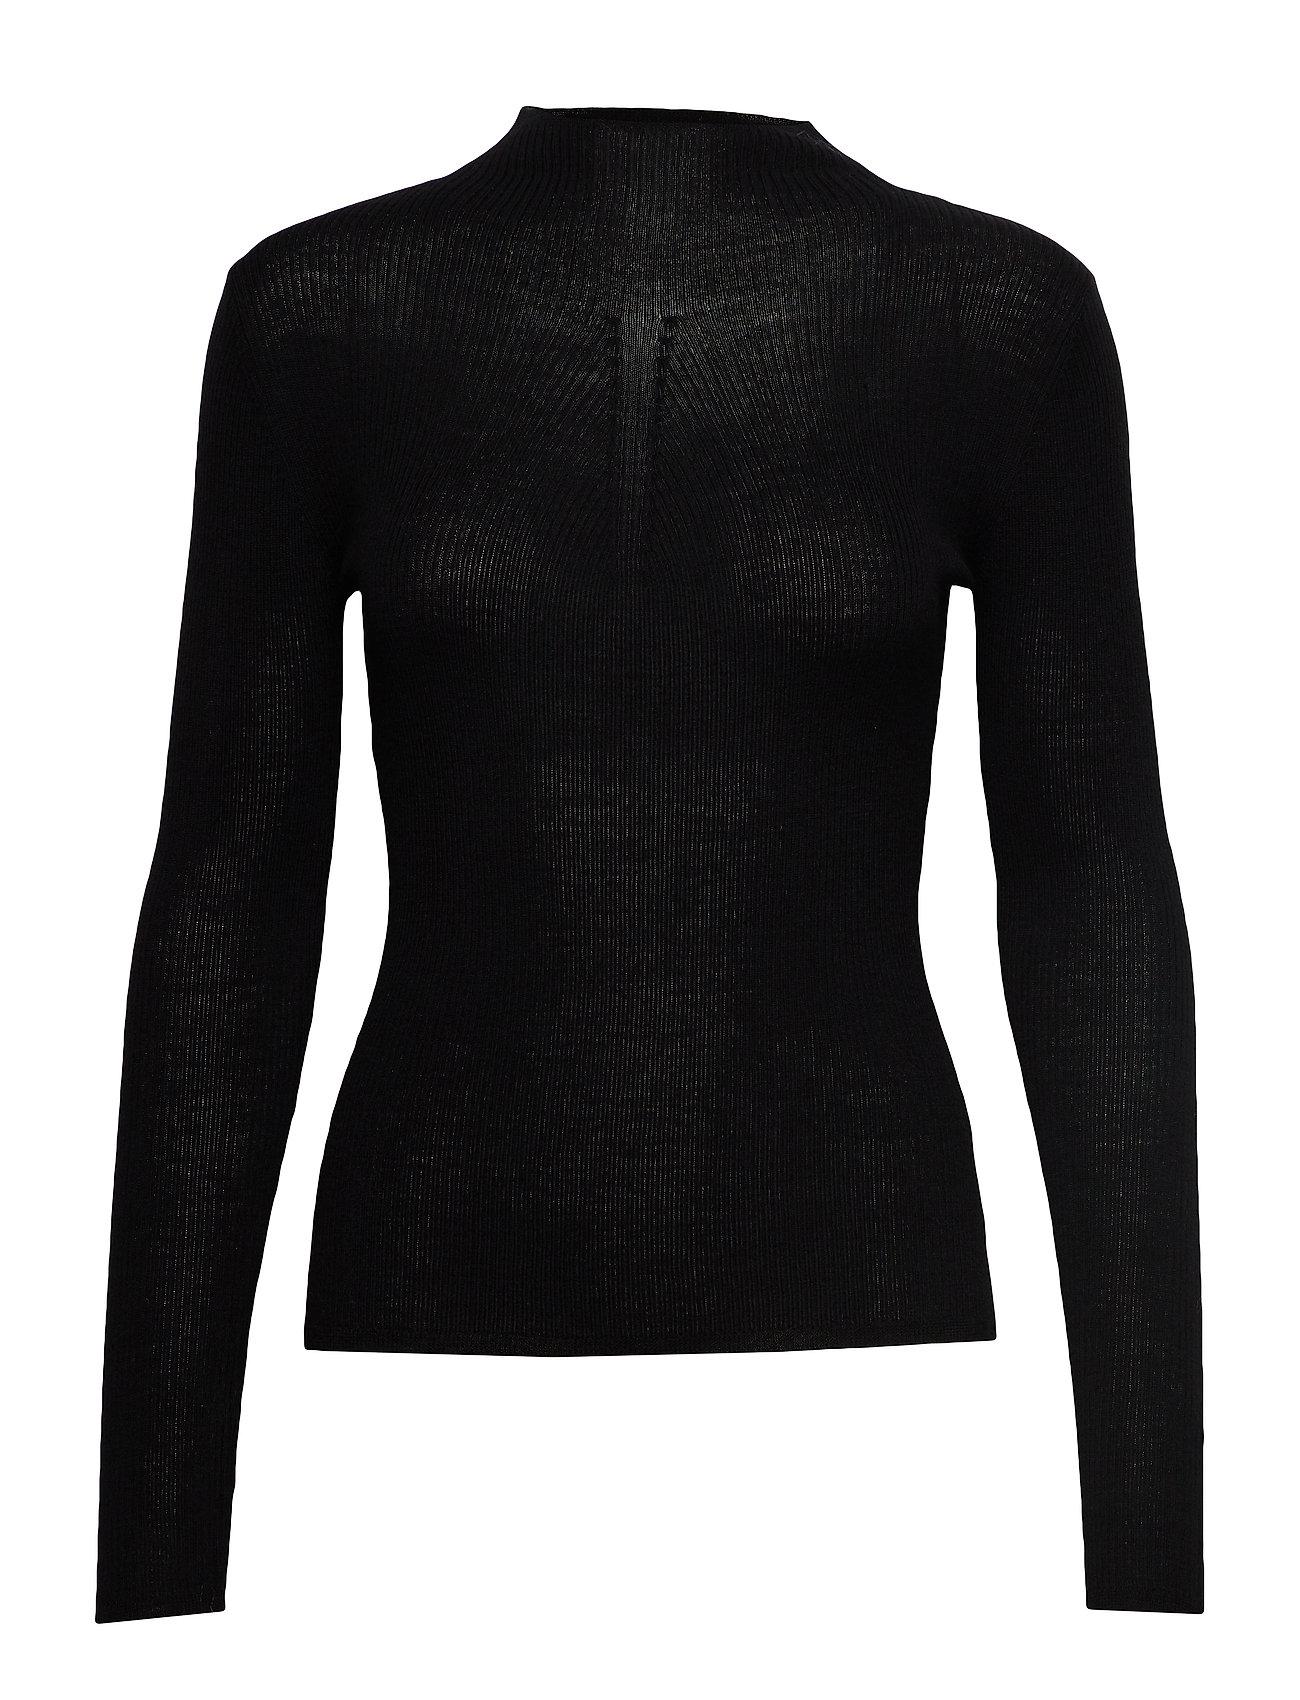 SAND Fellini Rib - Eleri Top - BLACK